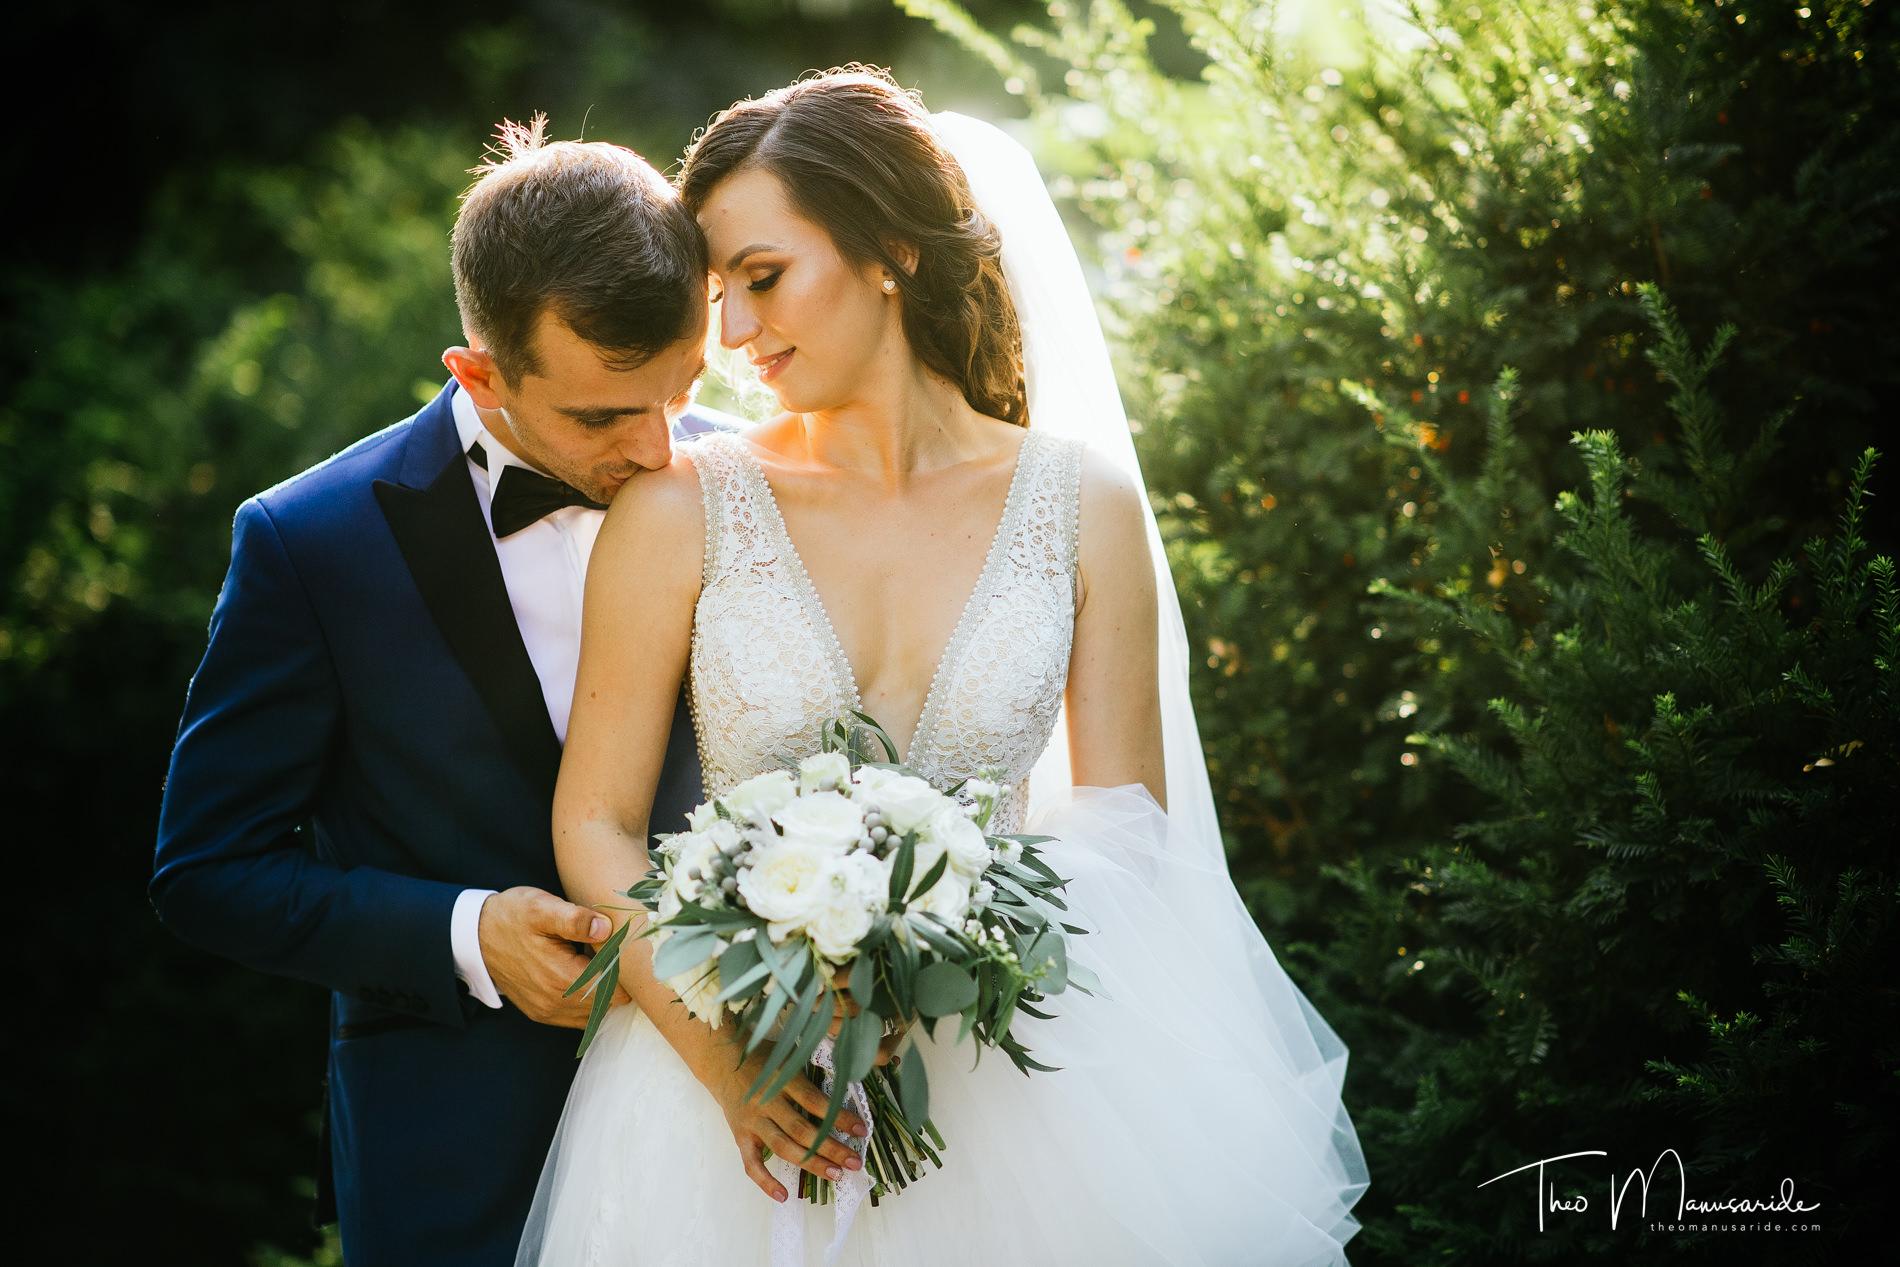 fotograf nunta bucuresti-77